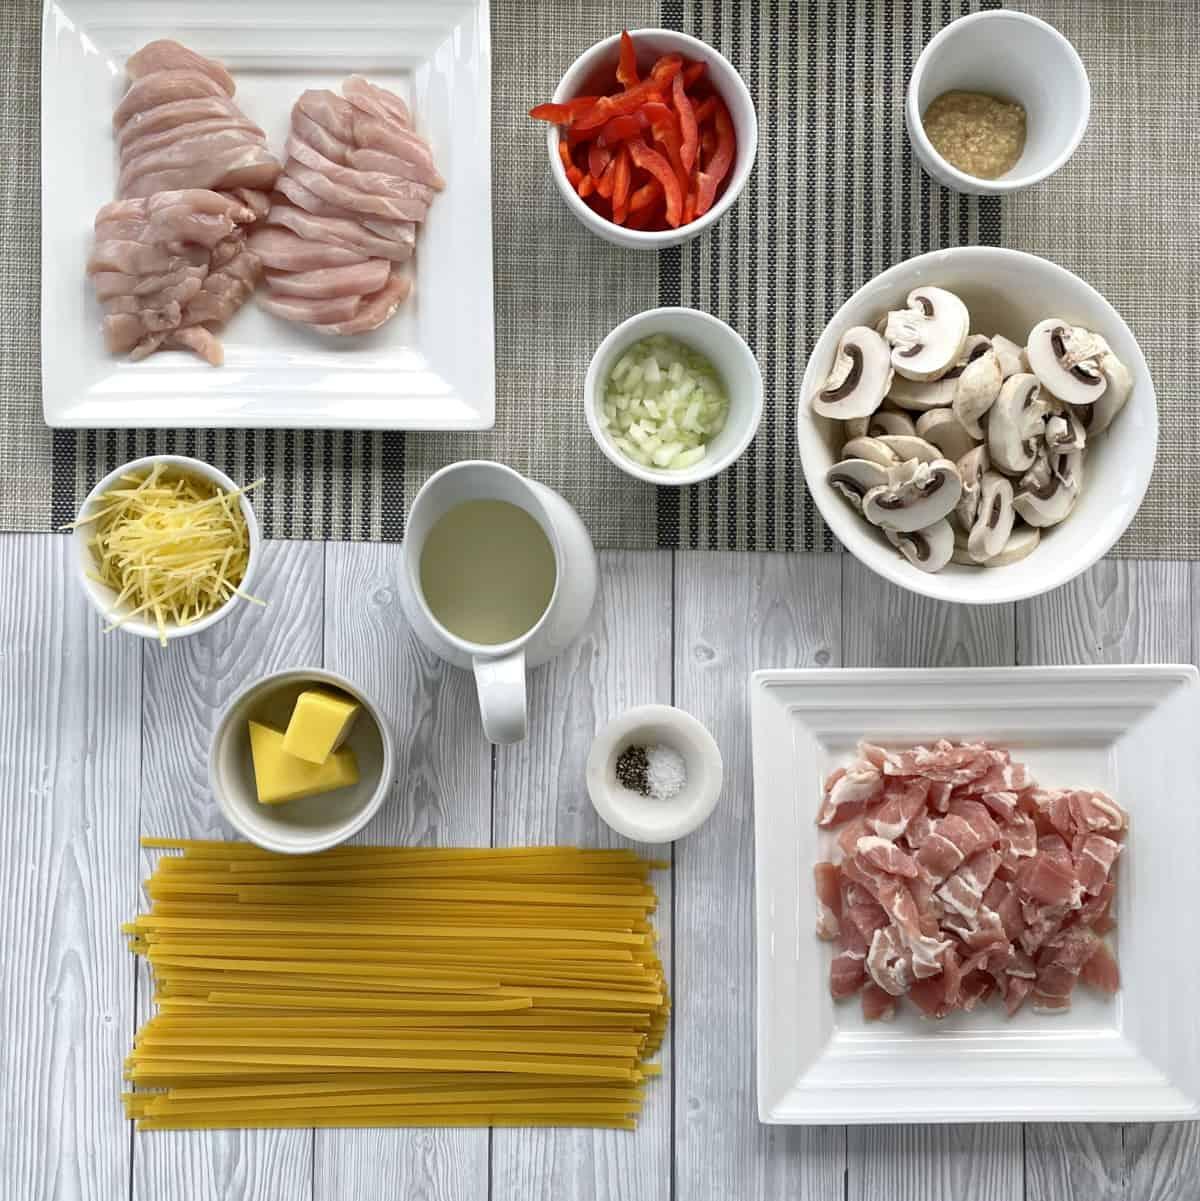 Ingredients prepared to make Chicken & Bacon Fettucine